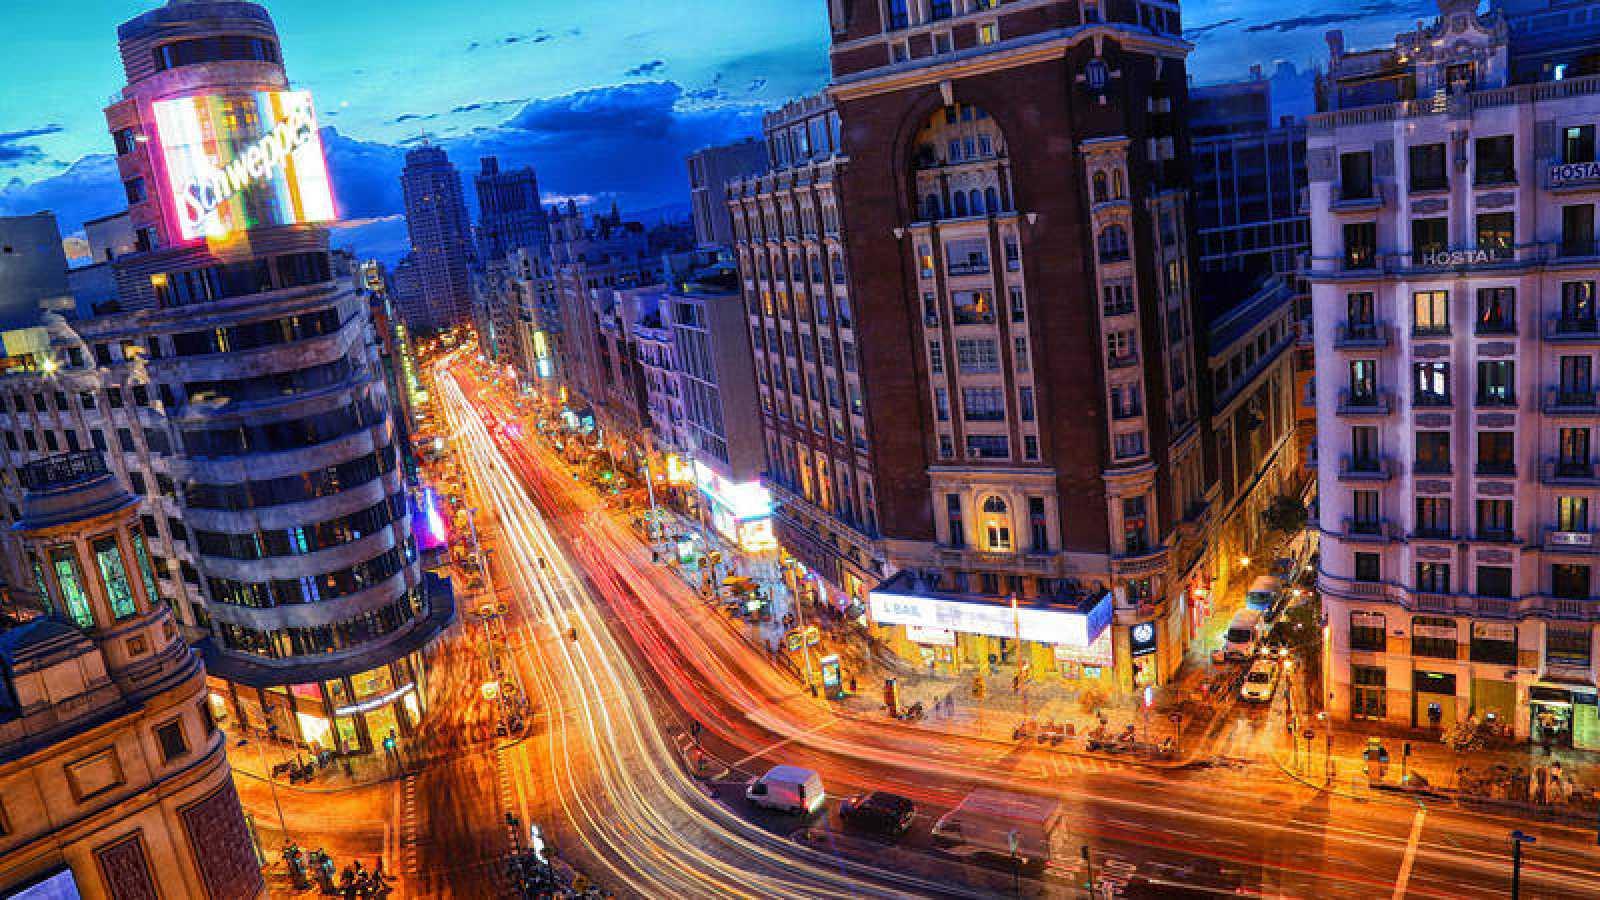 Una imagen nocturna de la Gran Vía de Madrid